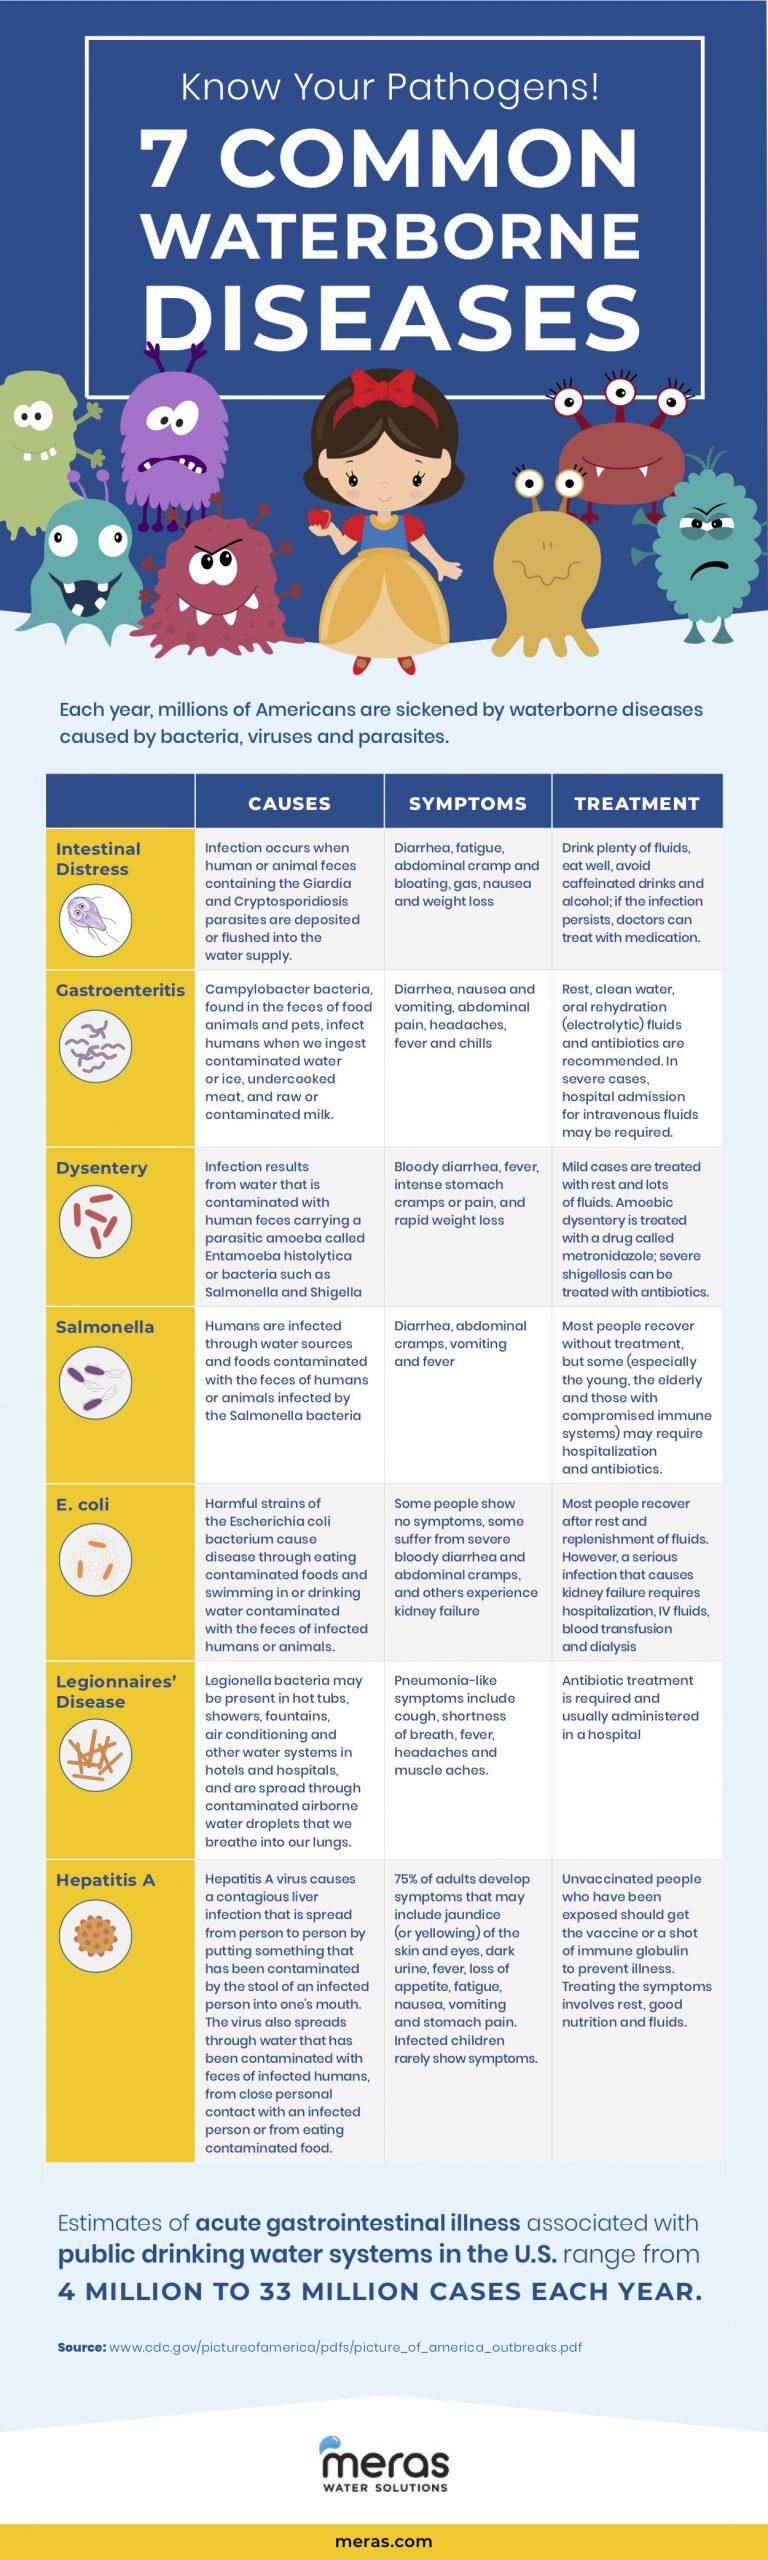 7 common waterborne diseases